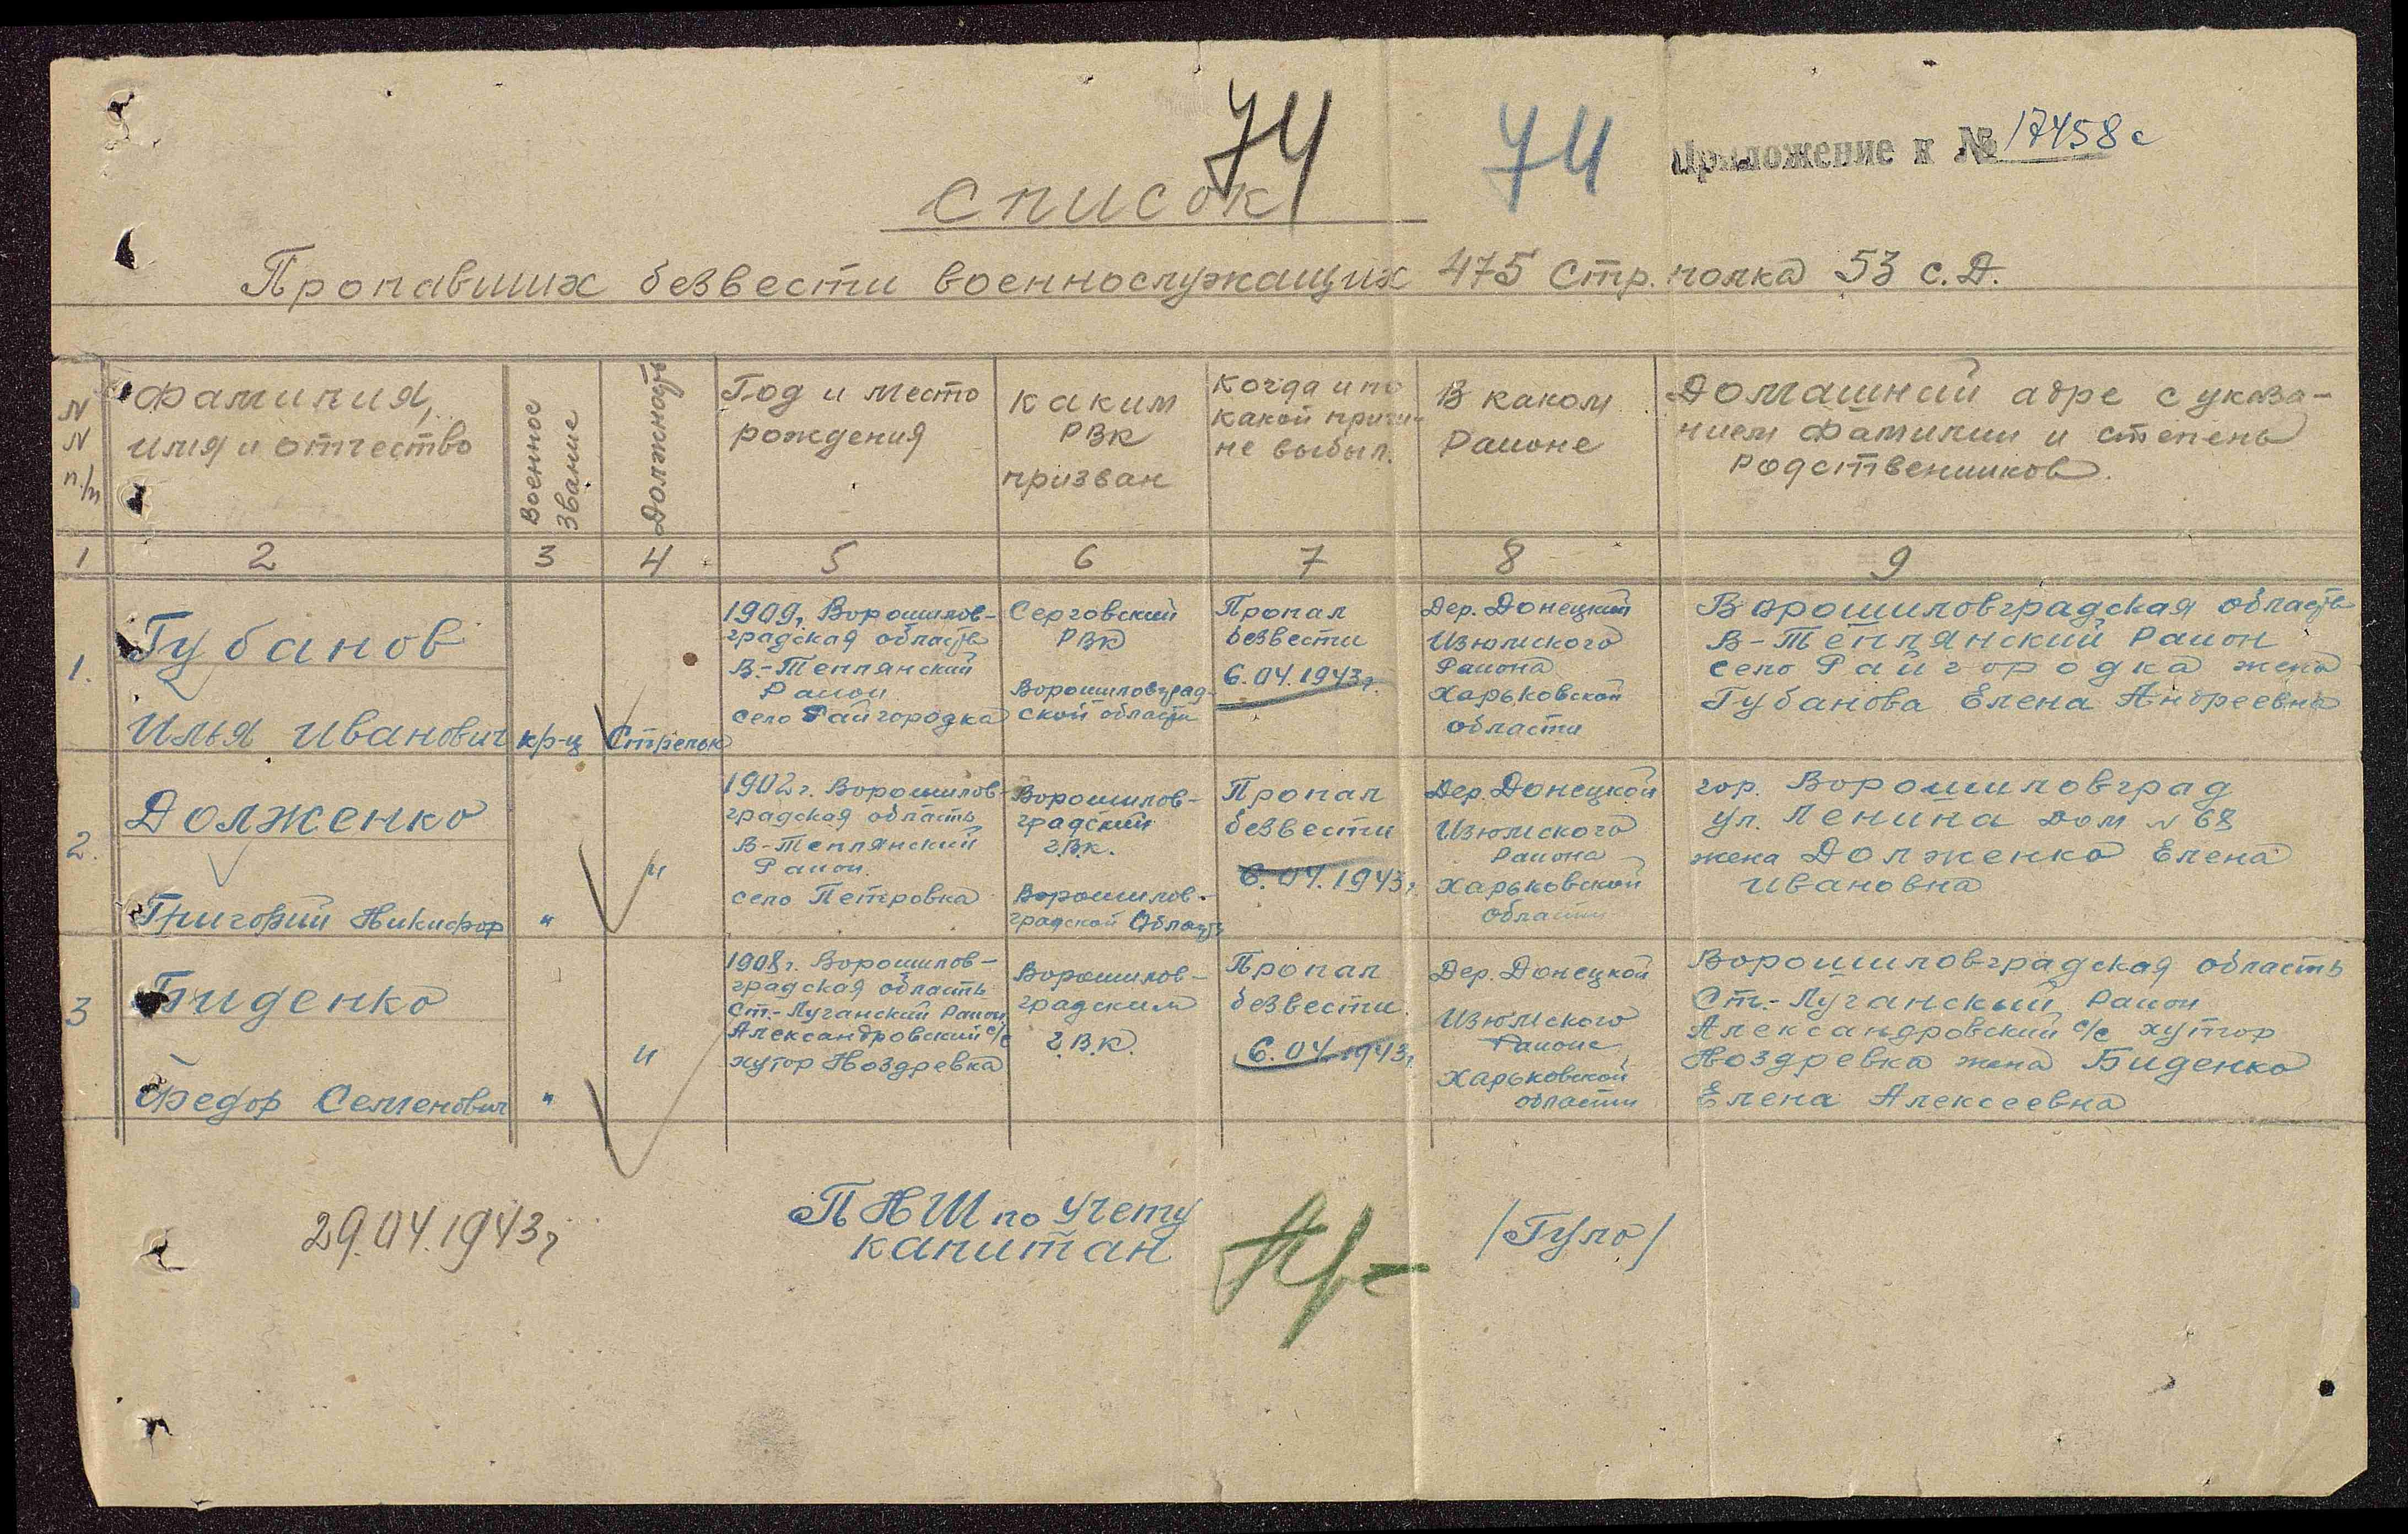 киселев андрей 1920 63 стрелковая дивизия окуратней звонят мошенники